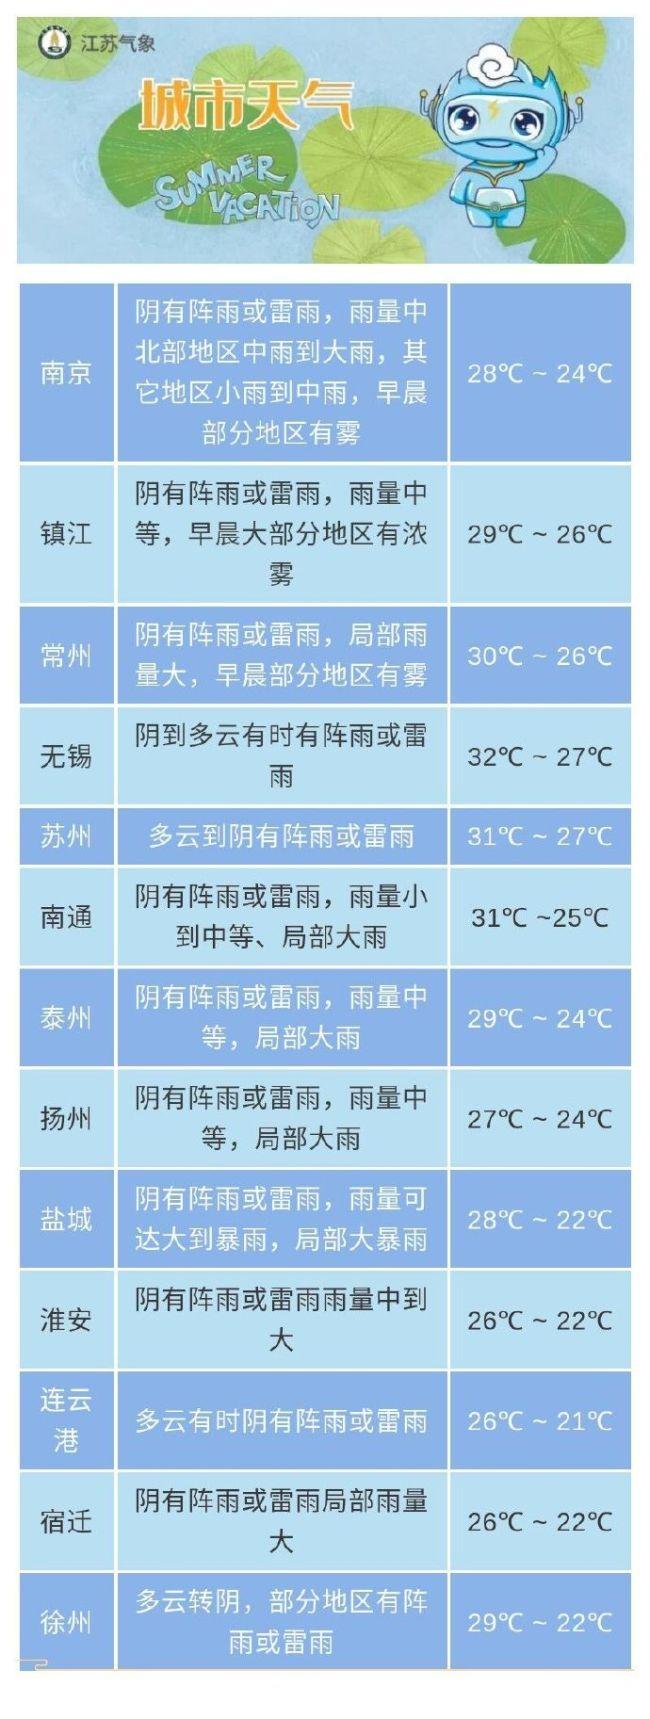 注意防范!江苏兴化、东台两地发布暴雨红色预警